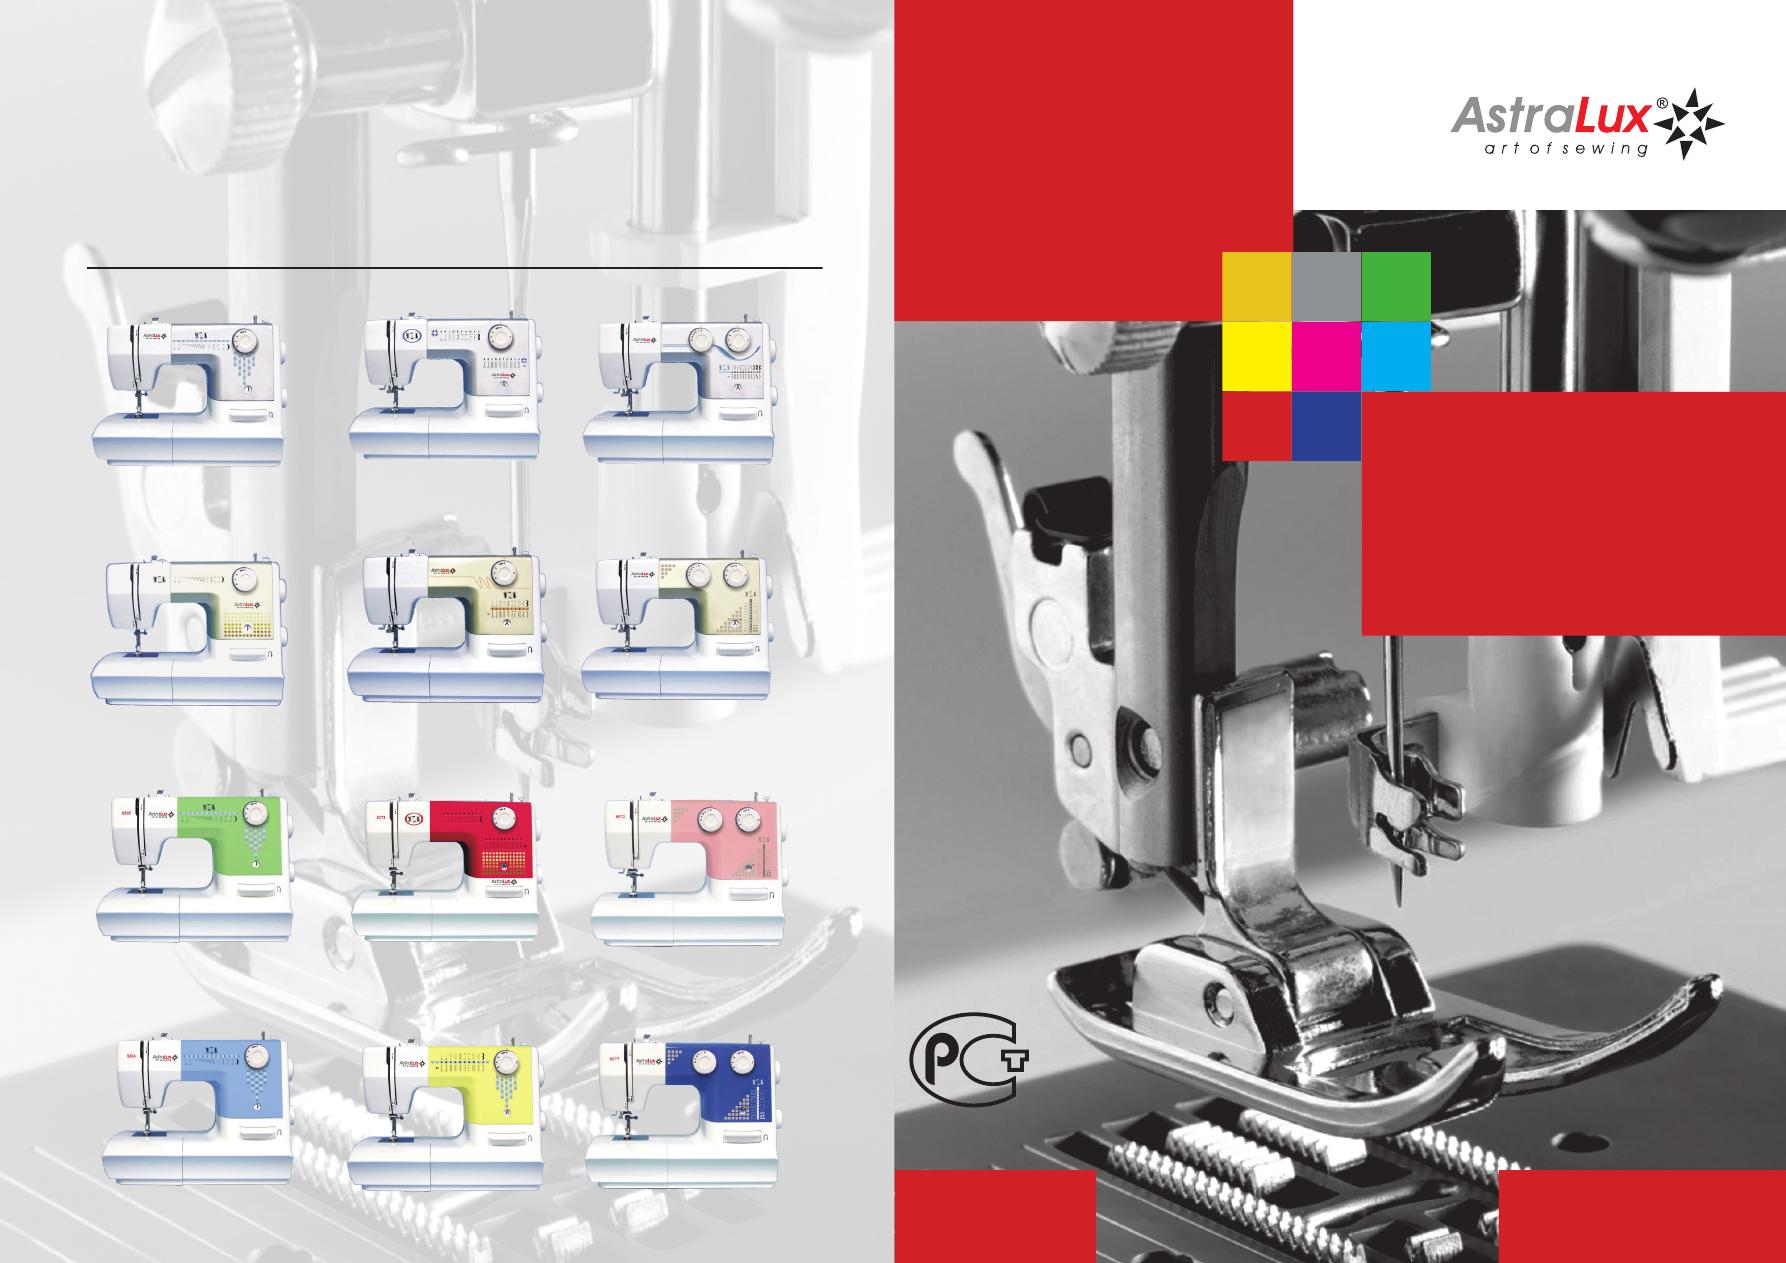 Швейная машинка astralux 8366 инструкция